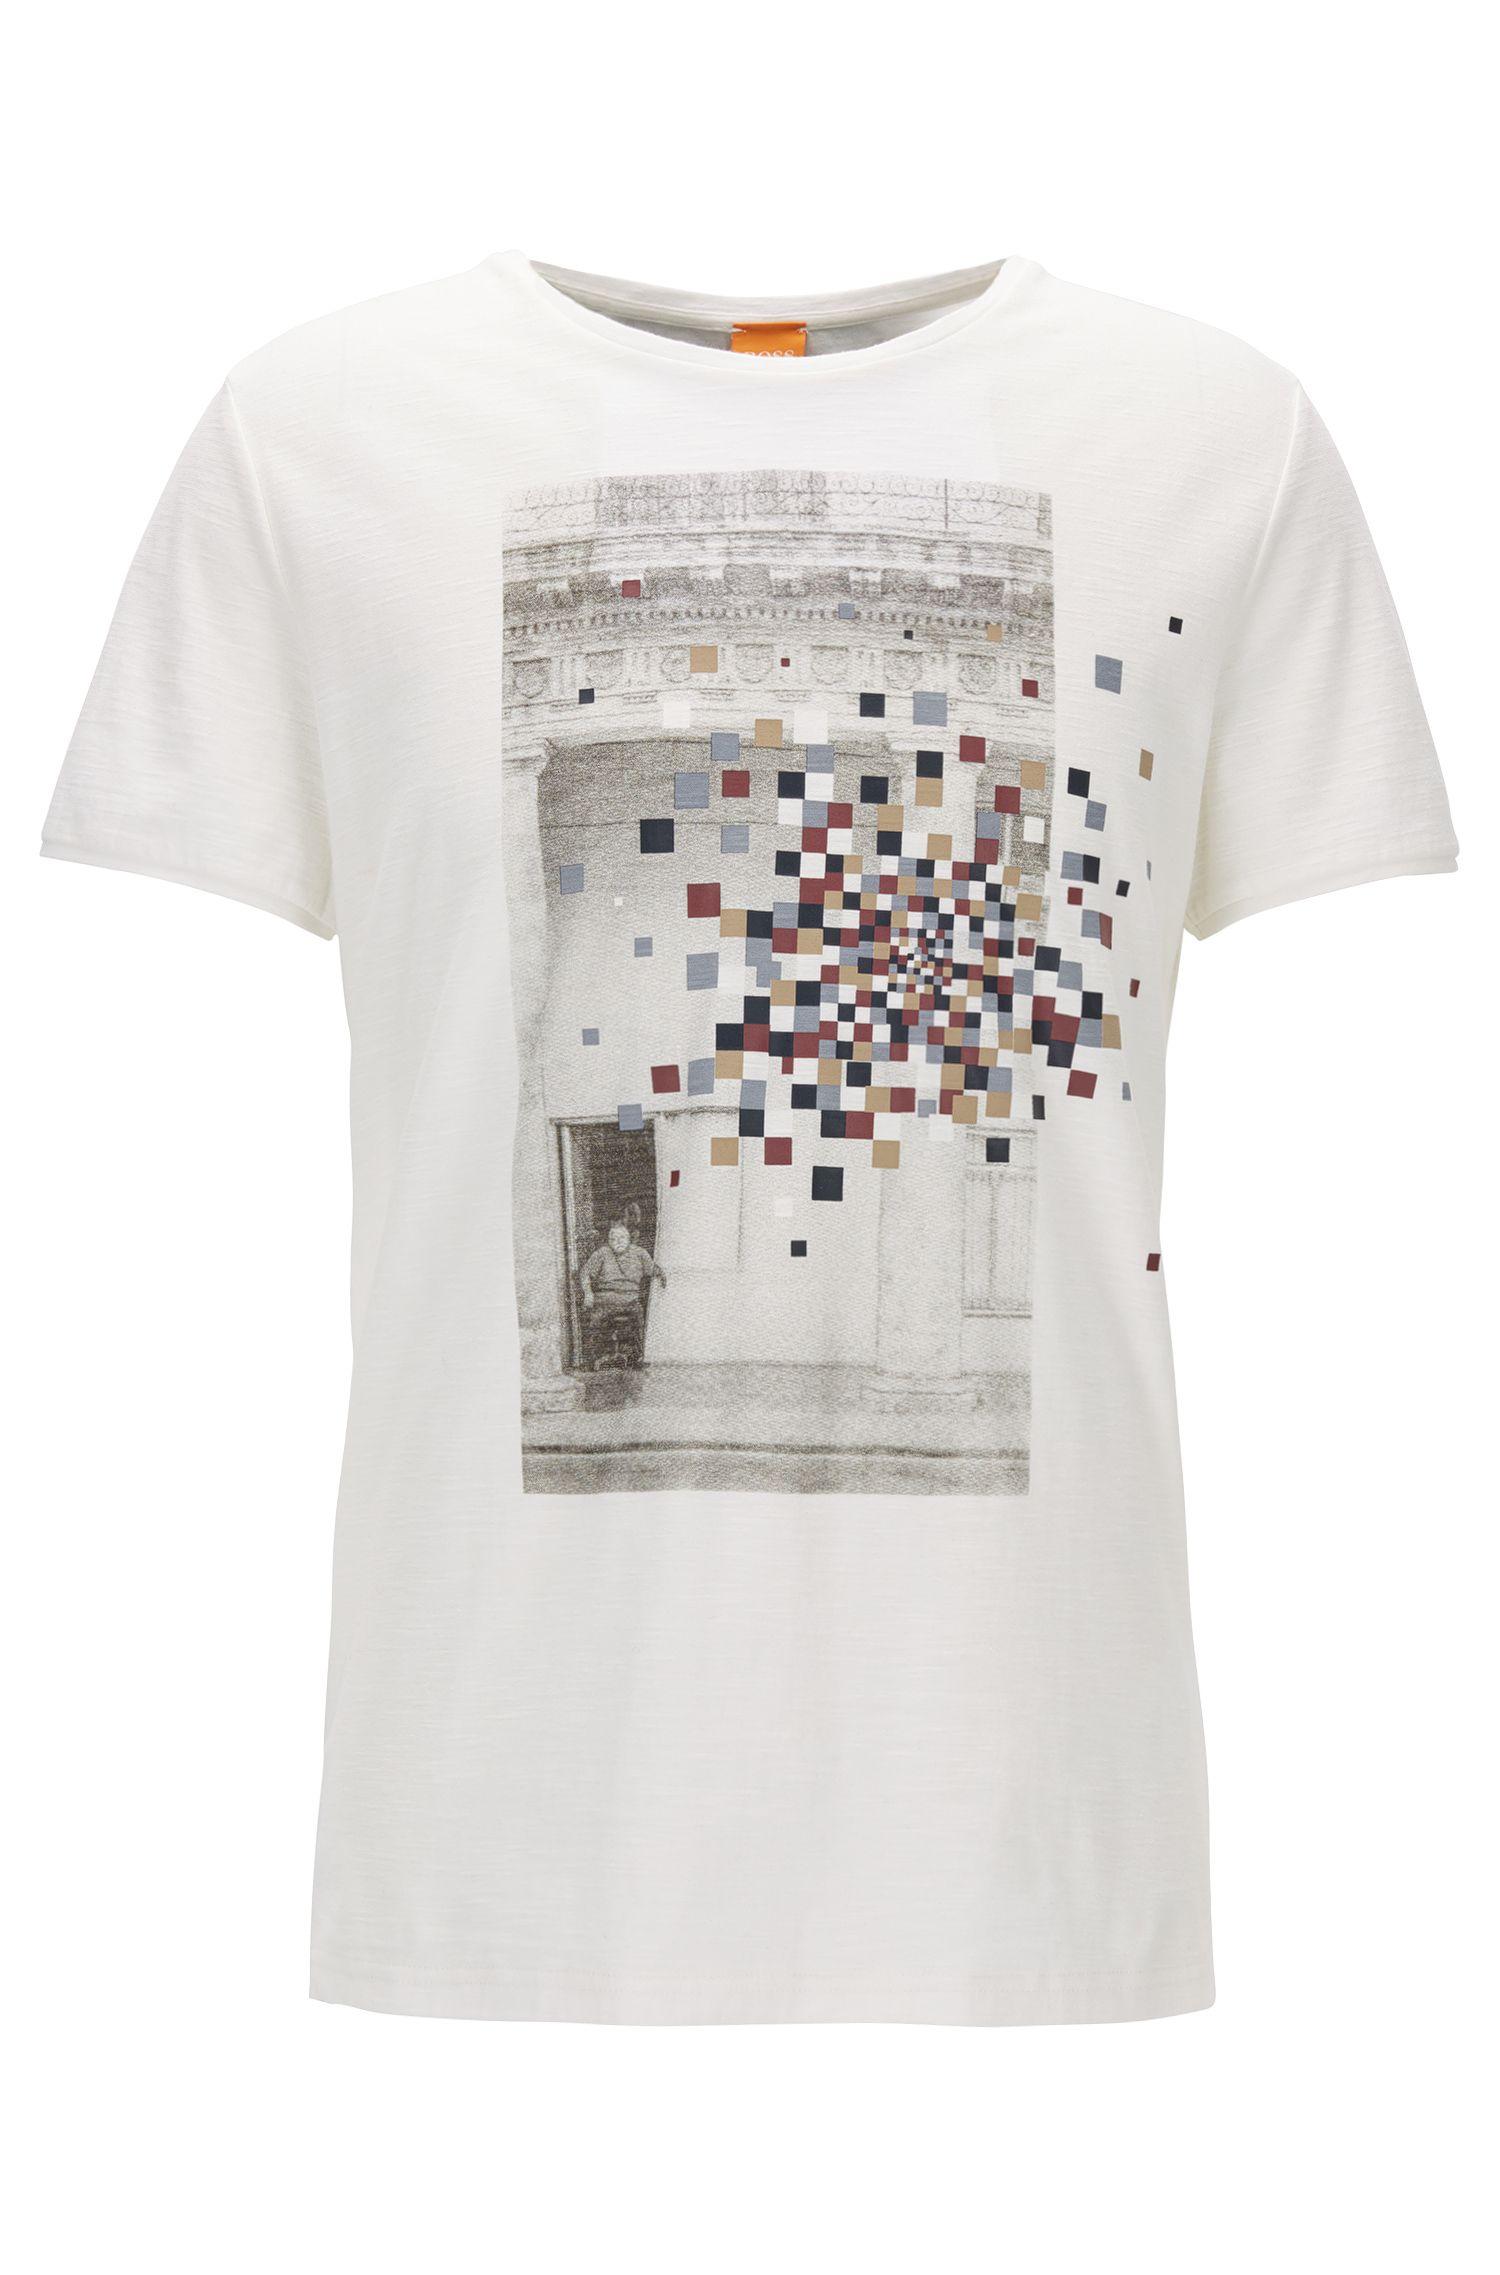 T-shirt regular fit in jersey di cotone slub yarn con stampa grafica mista